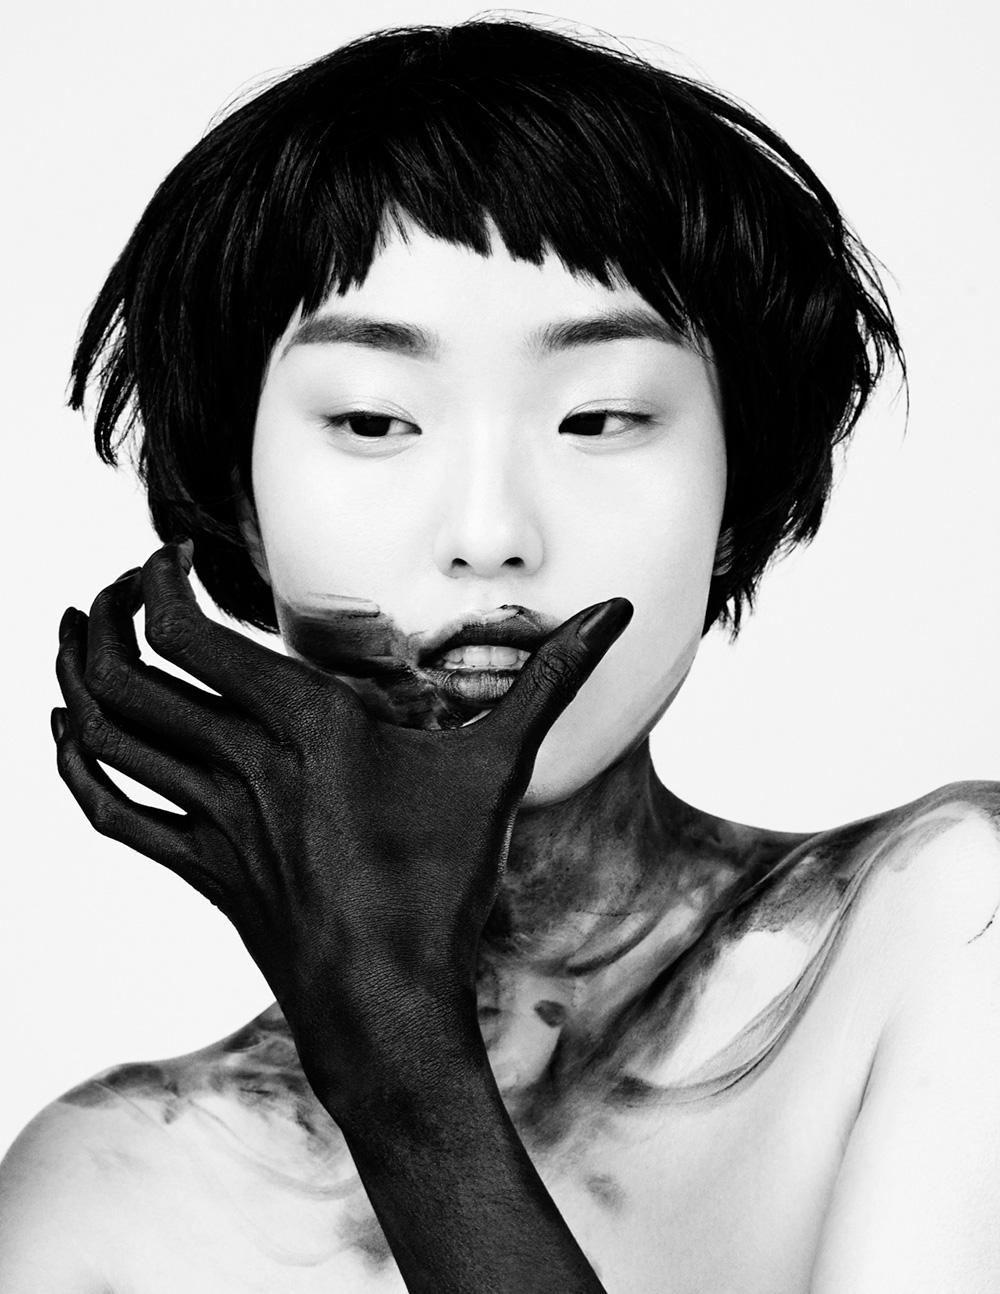 Yue Han x Josh Filauri